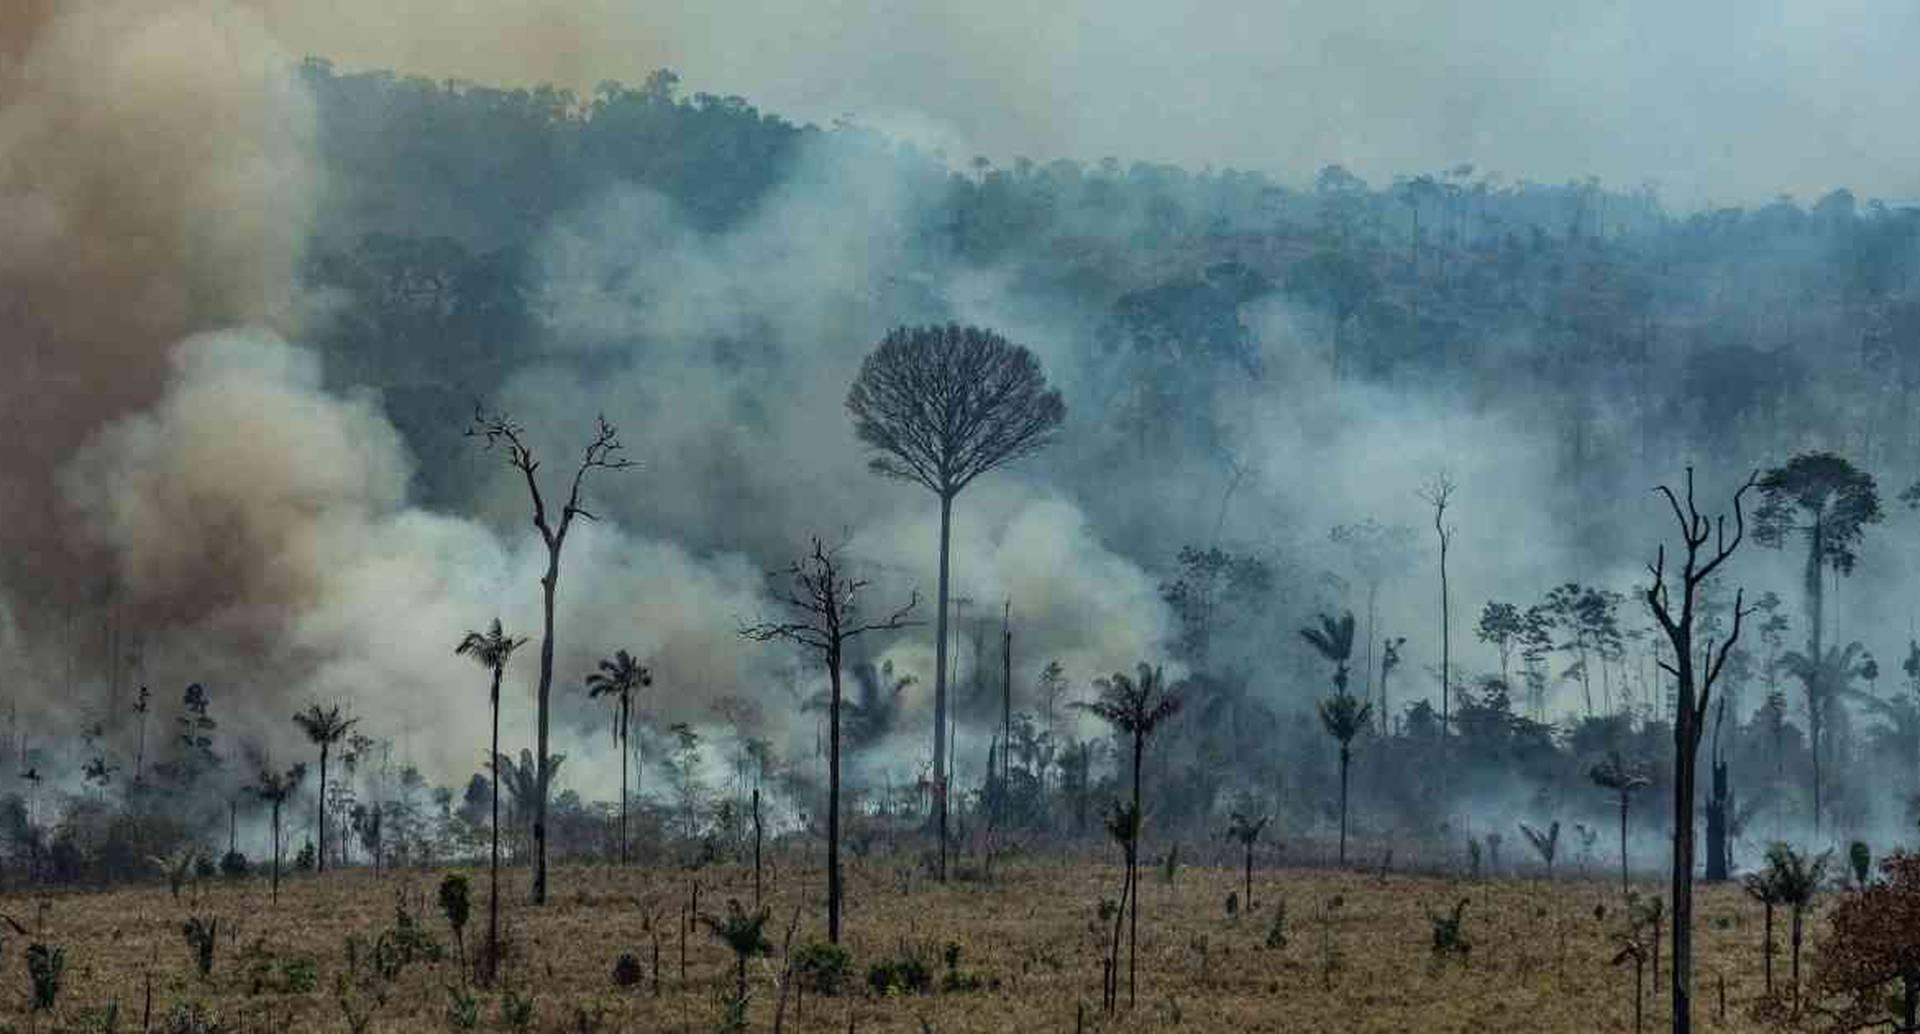 Los incendios, la deforestación y la minería ilegal en la Amazonia serán algunos de los temas sobre los que hablarán los mandatarios en la reunión. Foto: Archivo/ Víctor Moriyama / Greenpeace